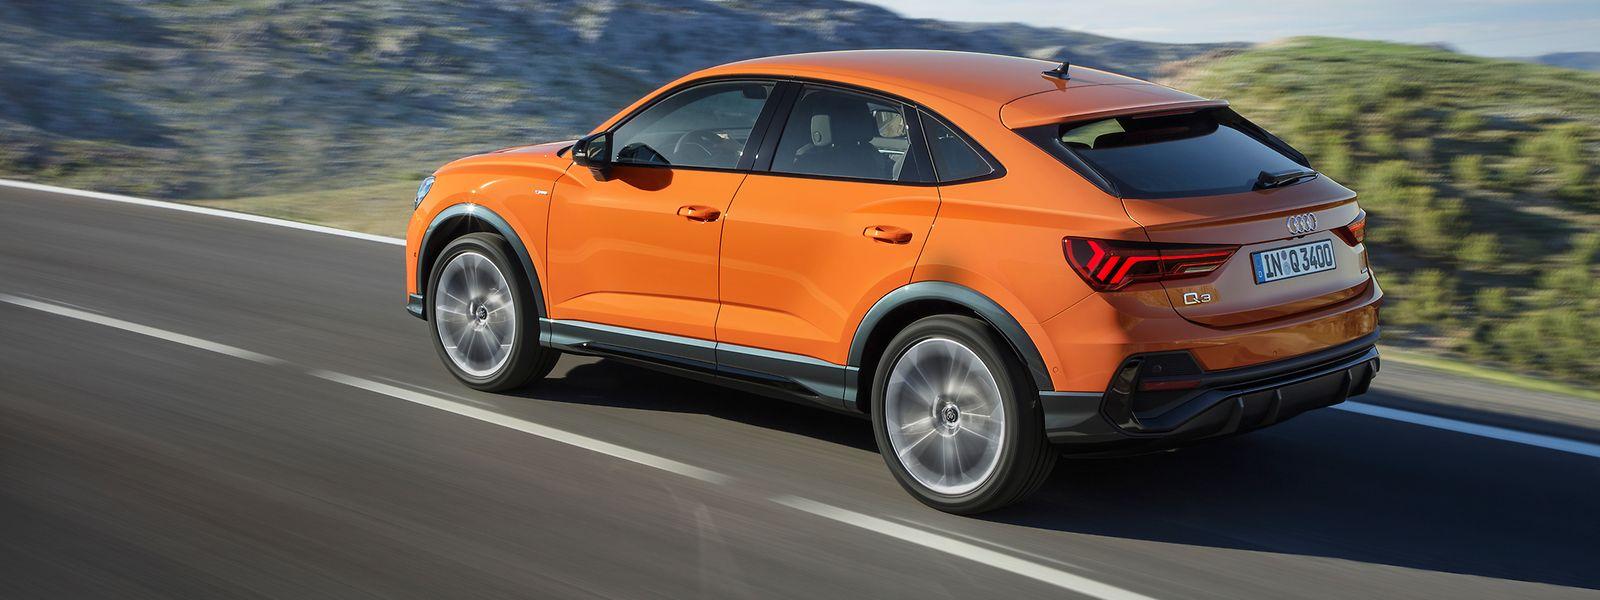 """Das """"Markenzeichen"""" des Audi Q3 Sportback ist die fließend abfallende Dachlinie."""